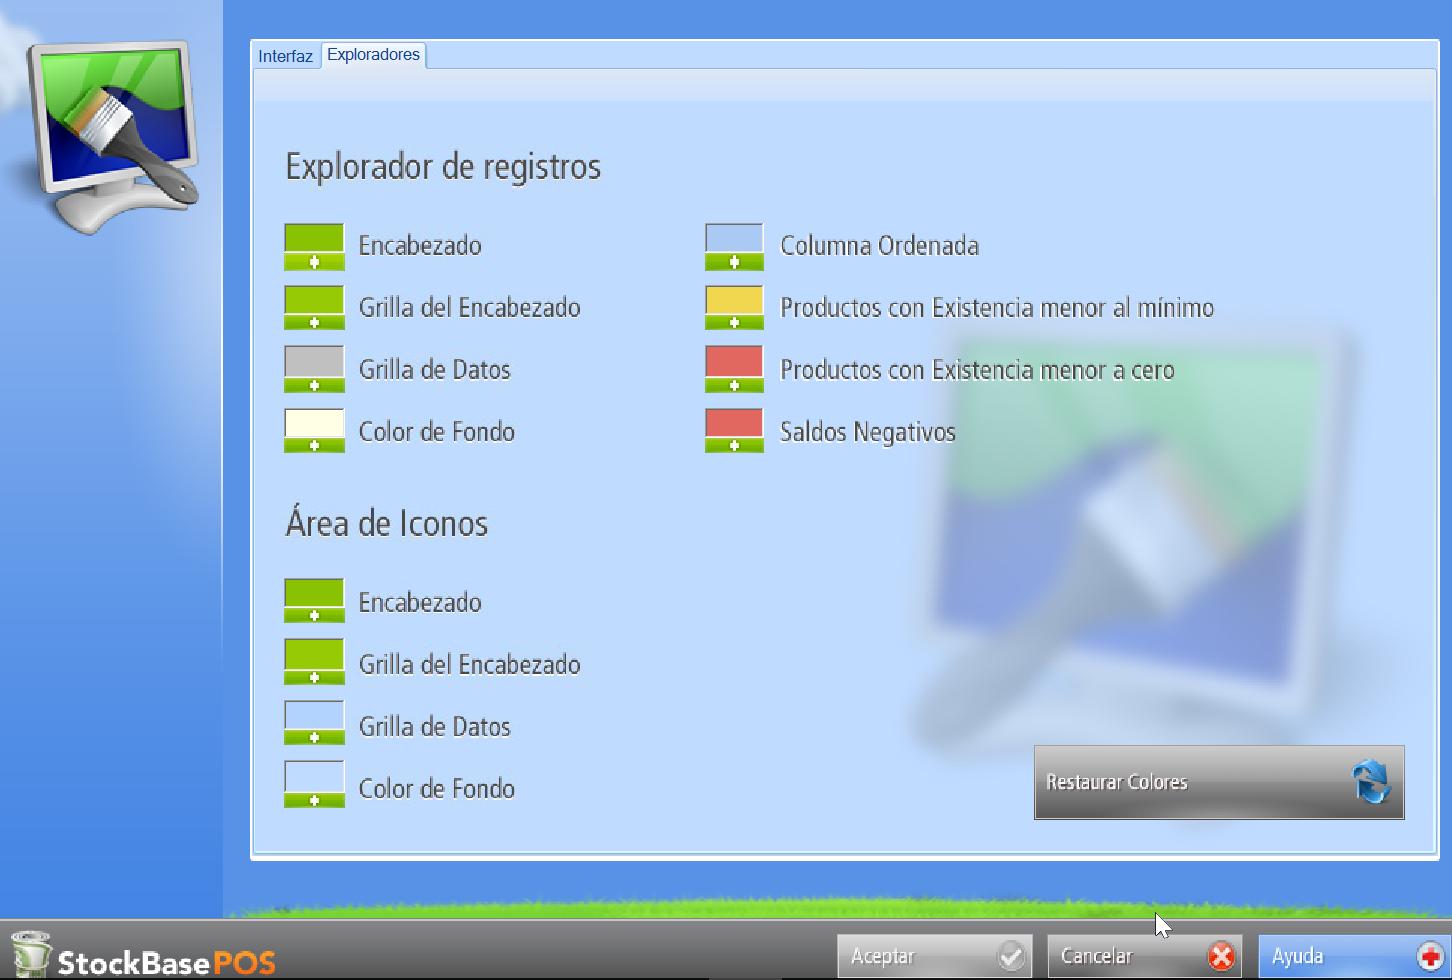 Configuración de la interfaz en la pestaña de exploradores en software de gestión